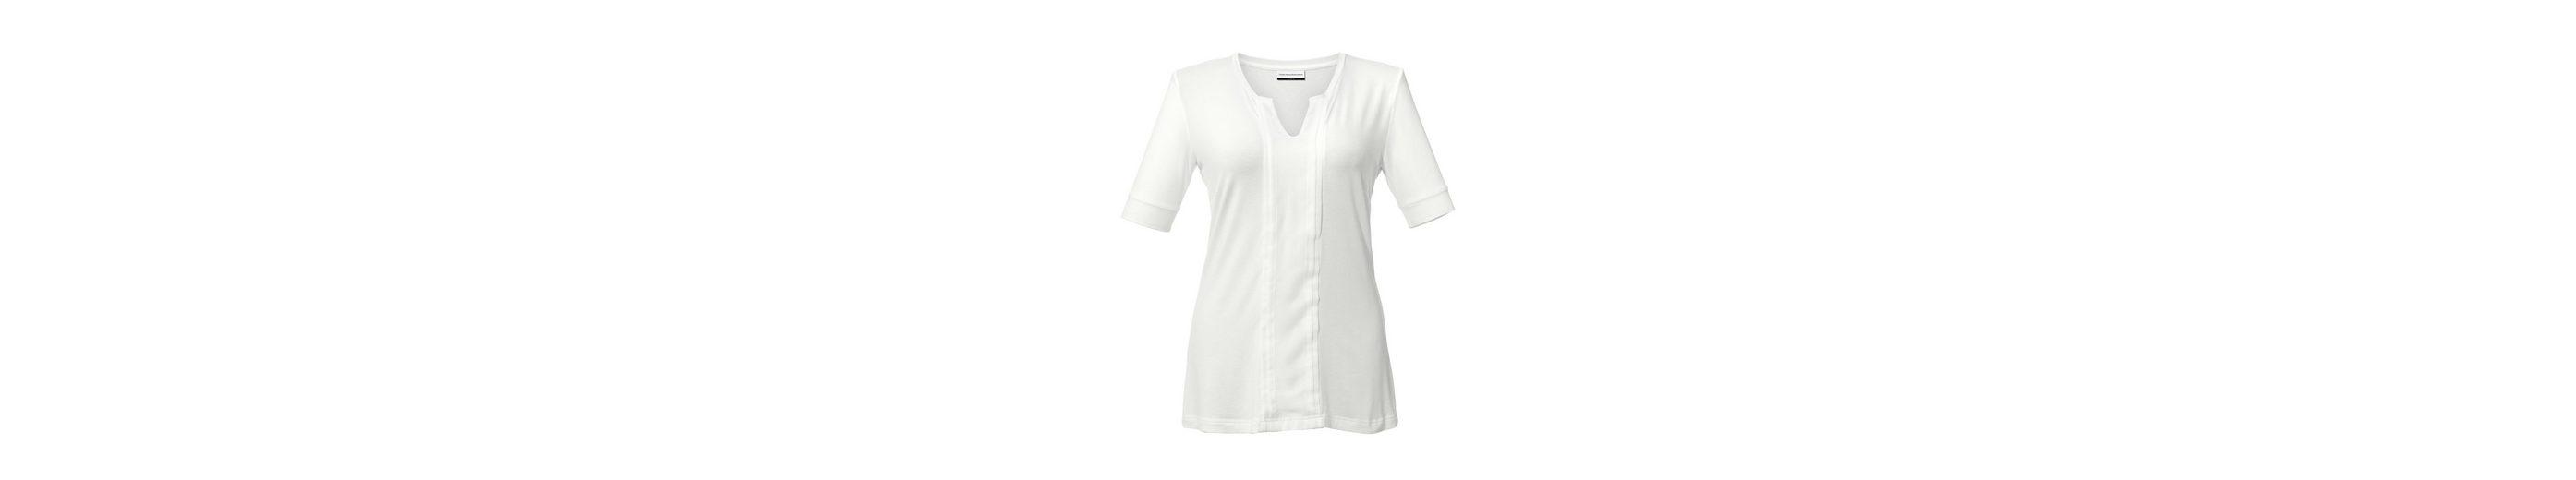 Guido Maria Kretschmer T-Shirt Nicekicks Empfehlen Rabatt Mode-Stil Erstaunlicher Preis Verkauf Online Verkauf Großhandelspreis 8q1mX